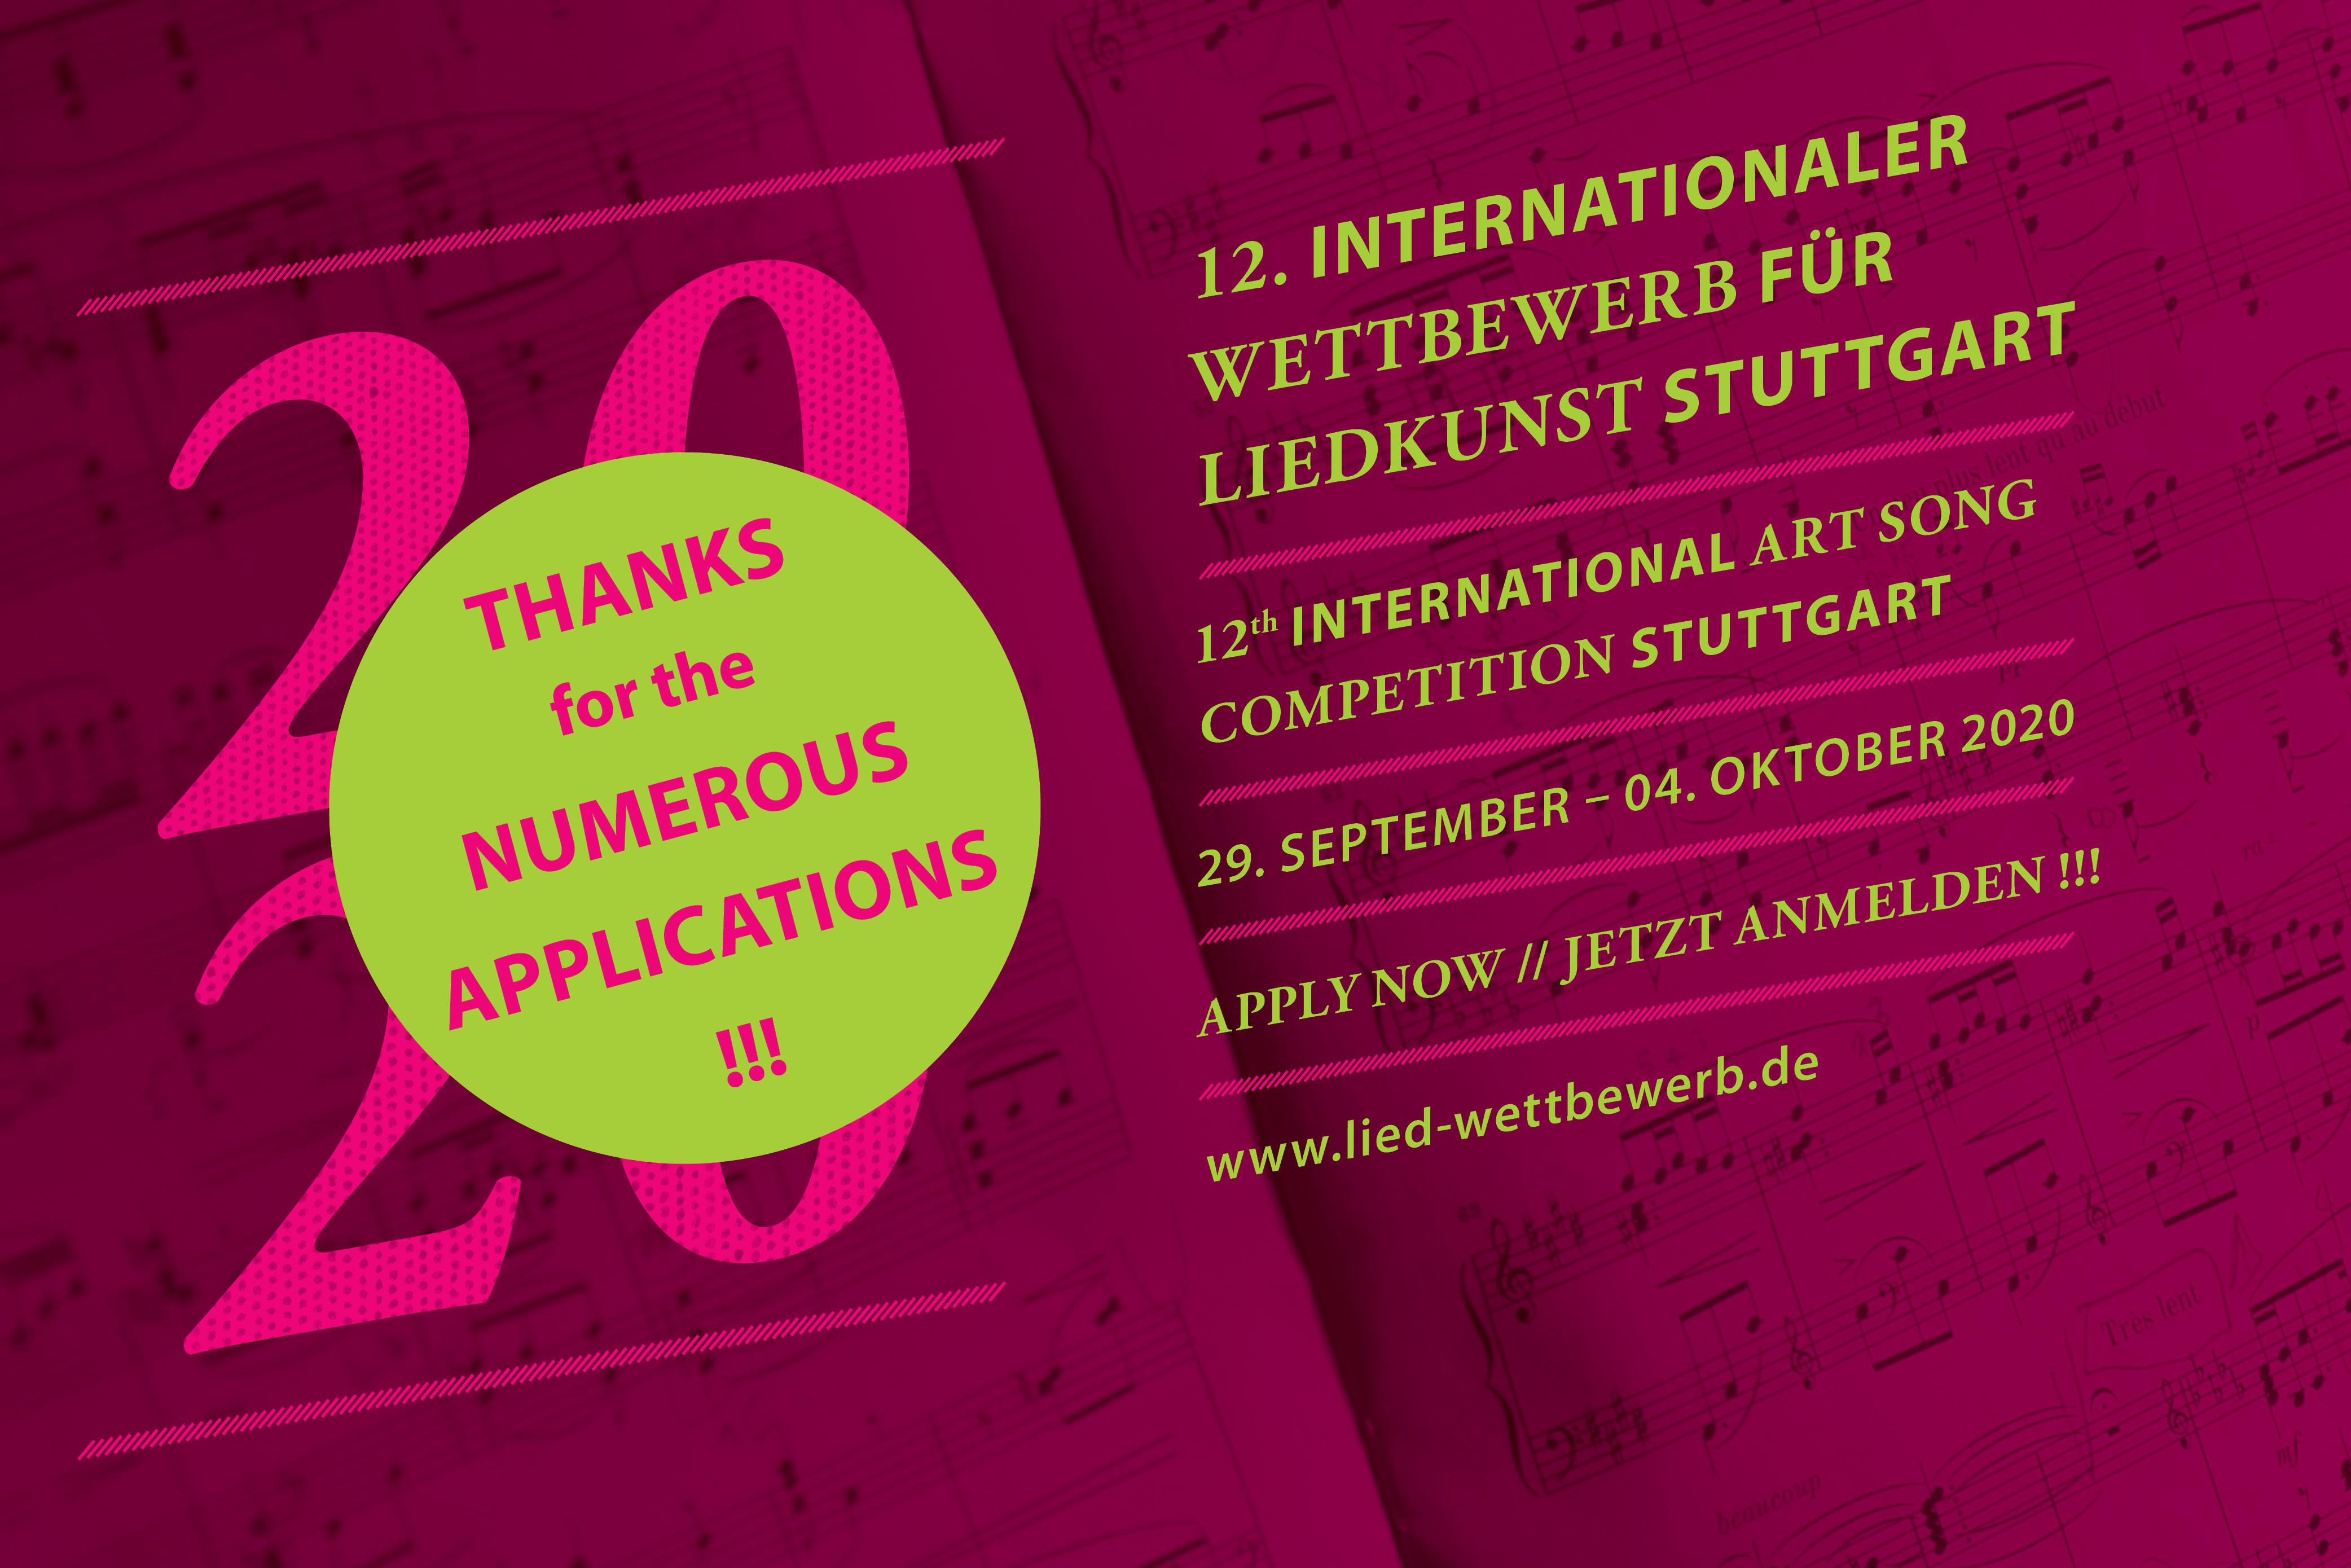 Internationaler Wettbewerb für Liedkunst 2020